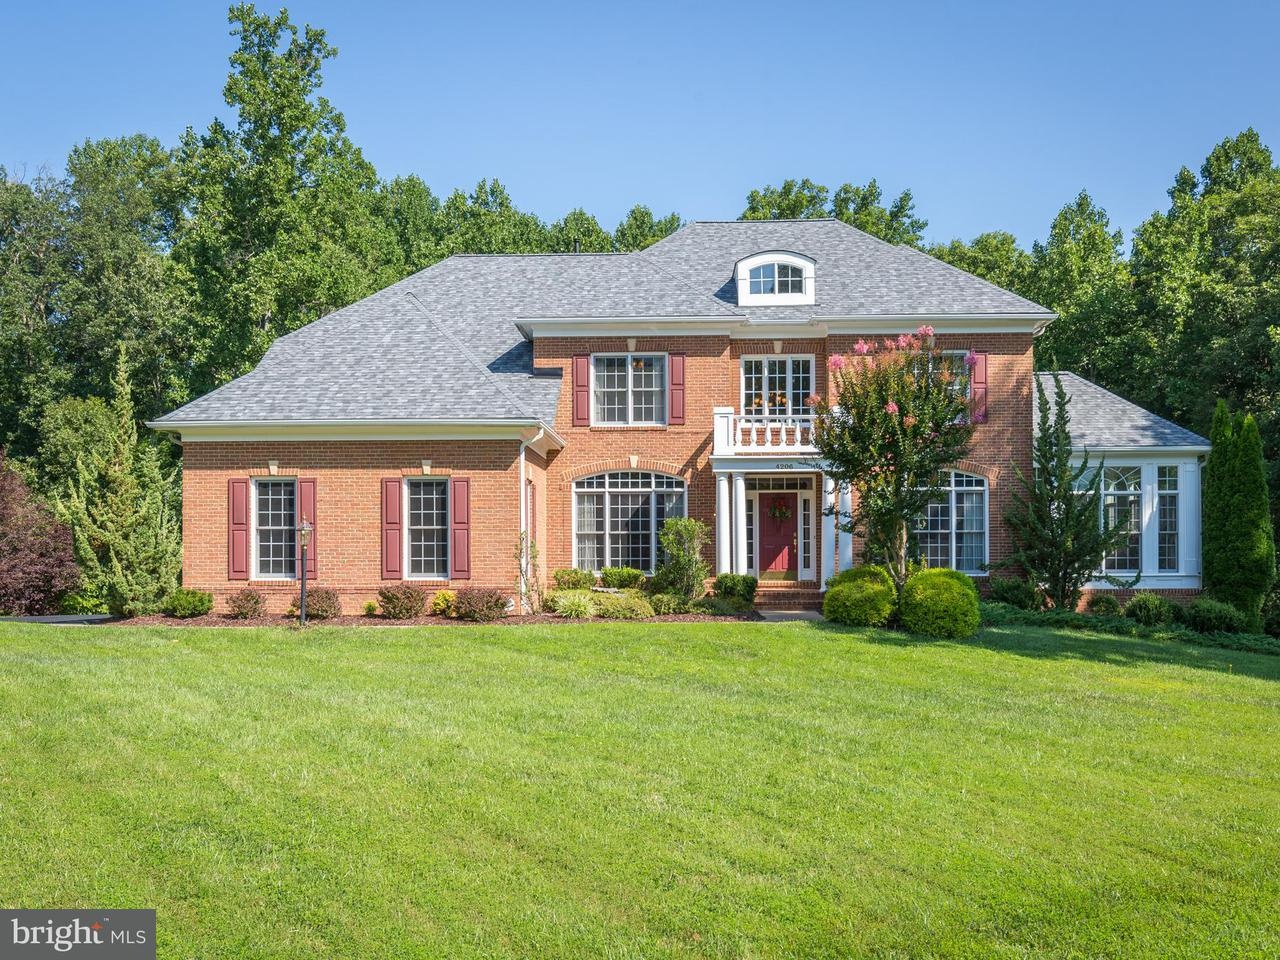 独户住宅 为 销售 在 4206 ROEBURN Court 4206 ROEBURN Court 伍德布里奇, 弗吉尼亚州 22192 美国